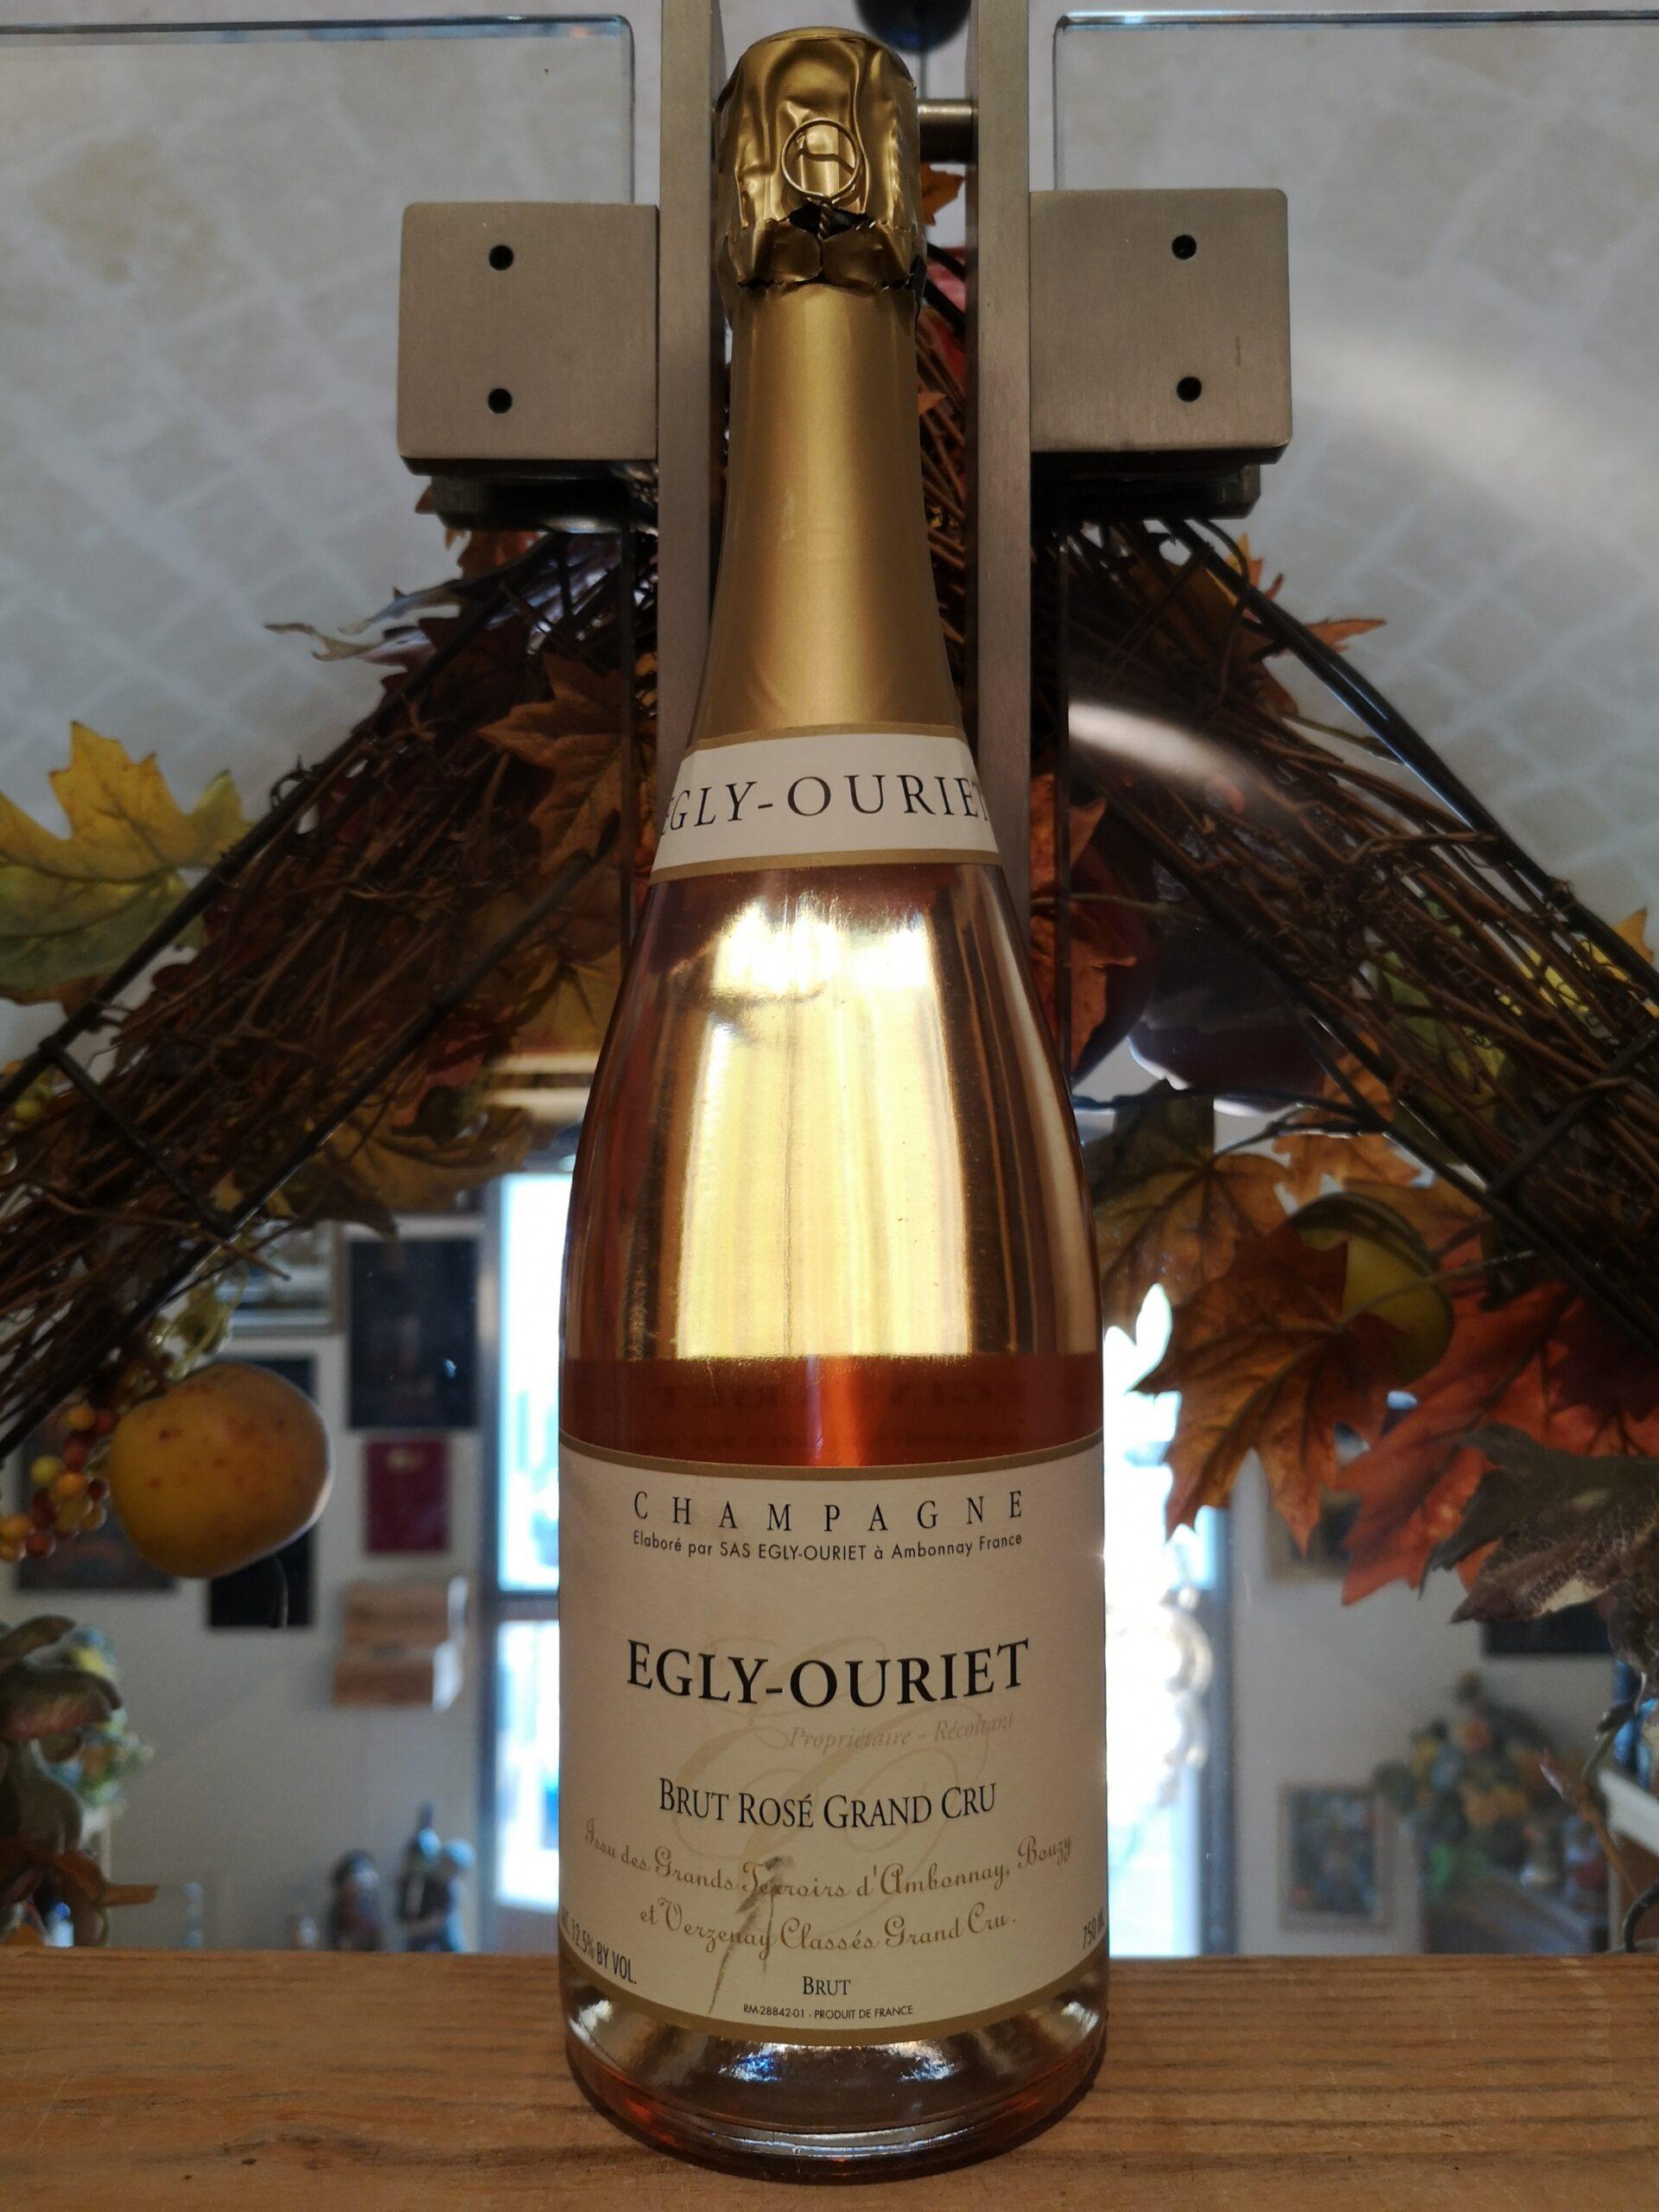 Brut Rosé Grand Cru Egly-Ouriet Champagne Brut